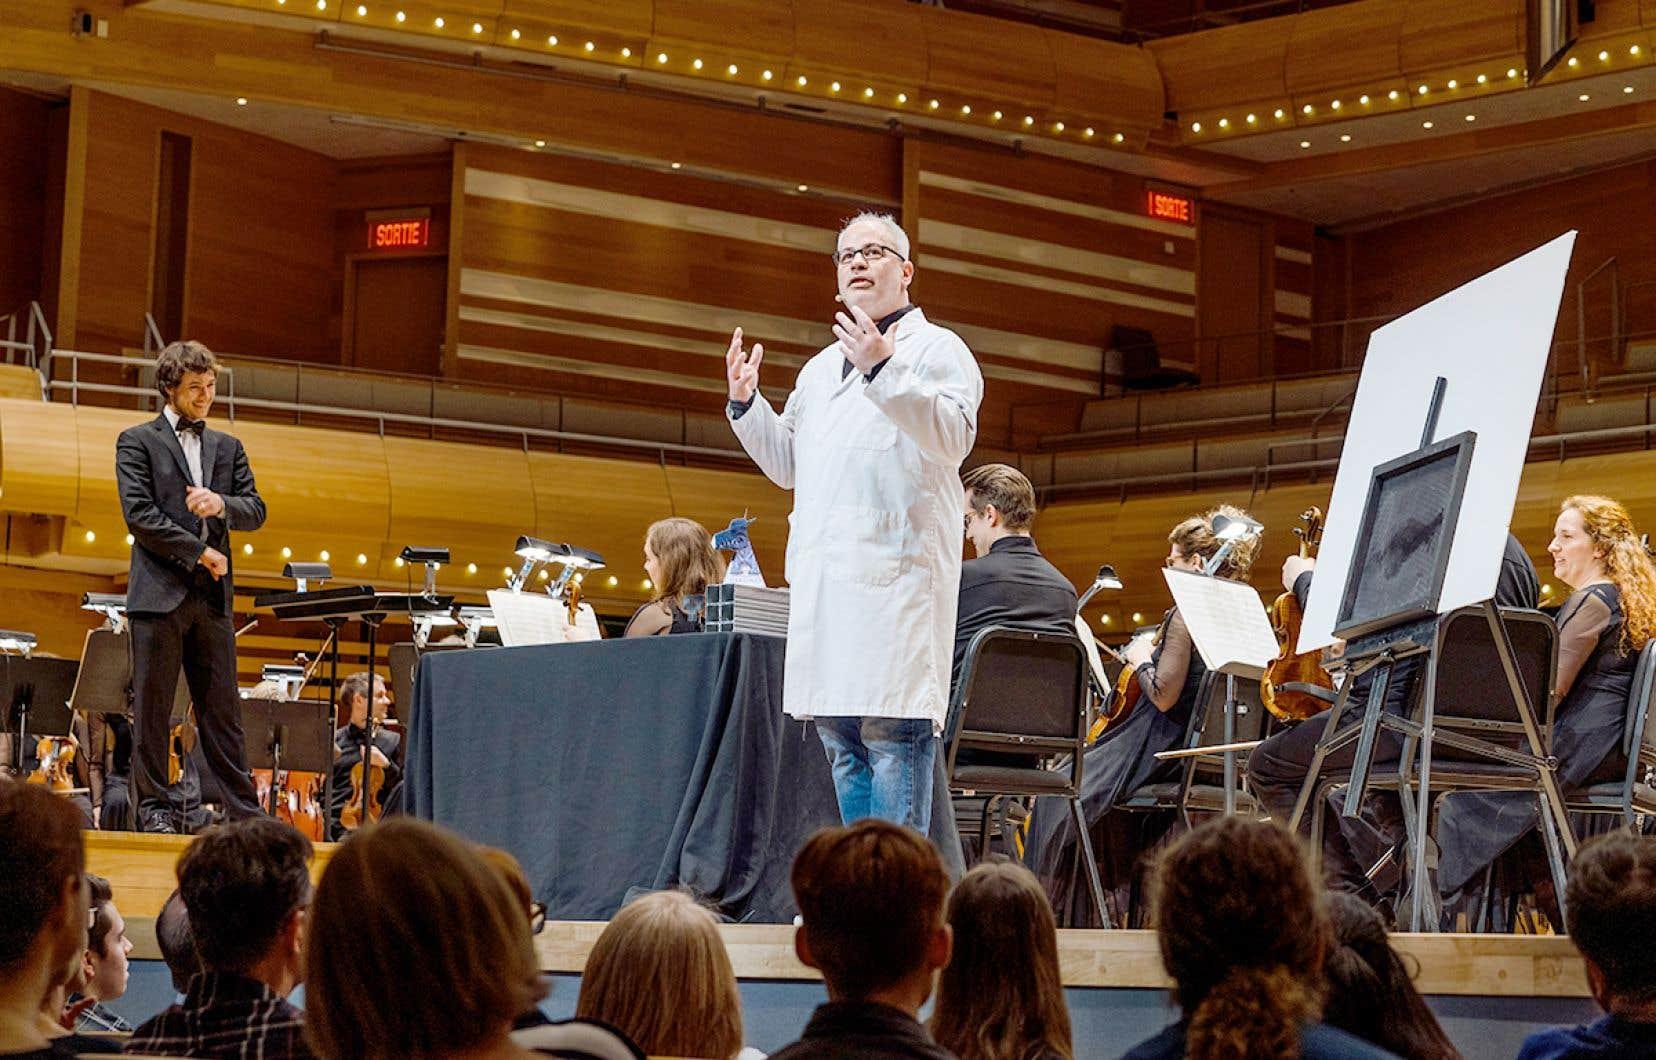 Le chef d'orchestre Nicolas Ellis et le vulgarisateur scientifique Martin Carli présentent en tandem le concert L'eau et le feu : Génial!